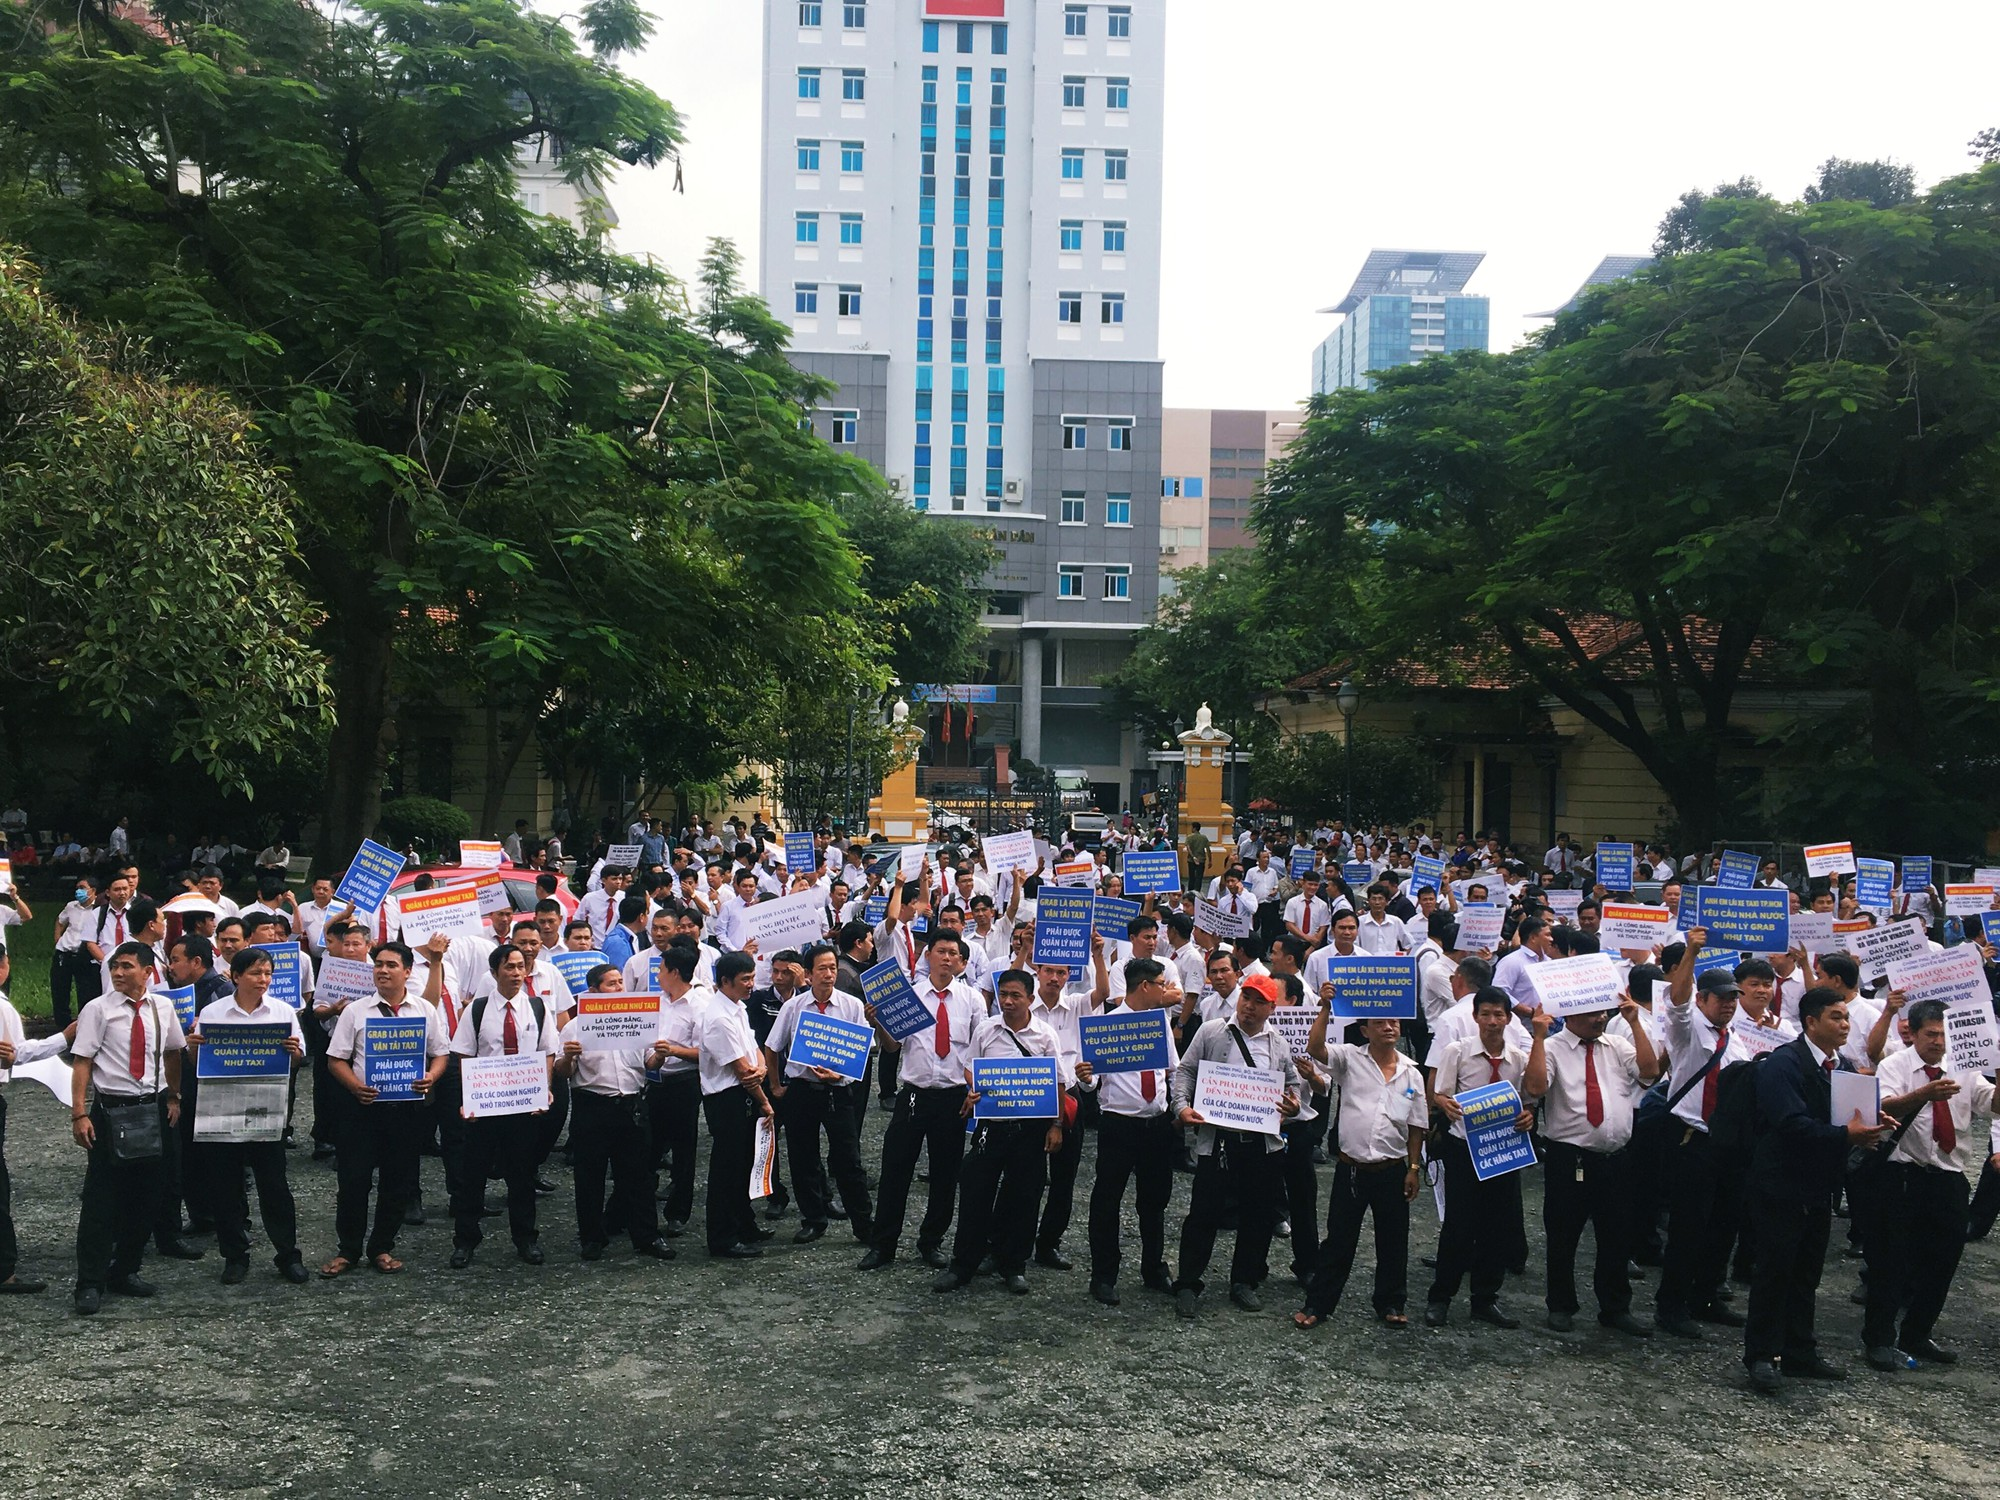 Hàng trăm tài xế Vinasun tập trung trước Toà án TP. HCM, giăng biểu ngữ yêu cầu Grab bồi thường - Ảnh 5.